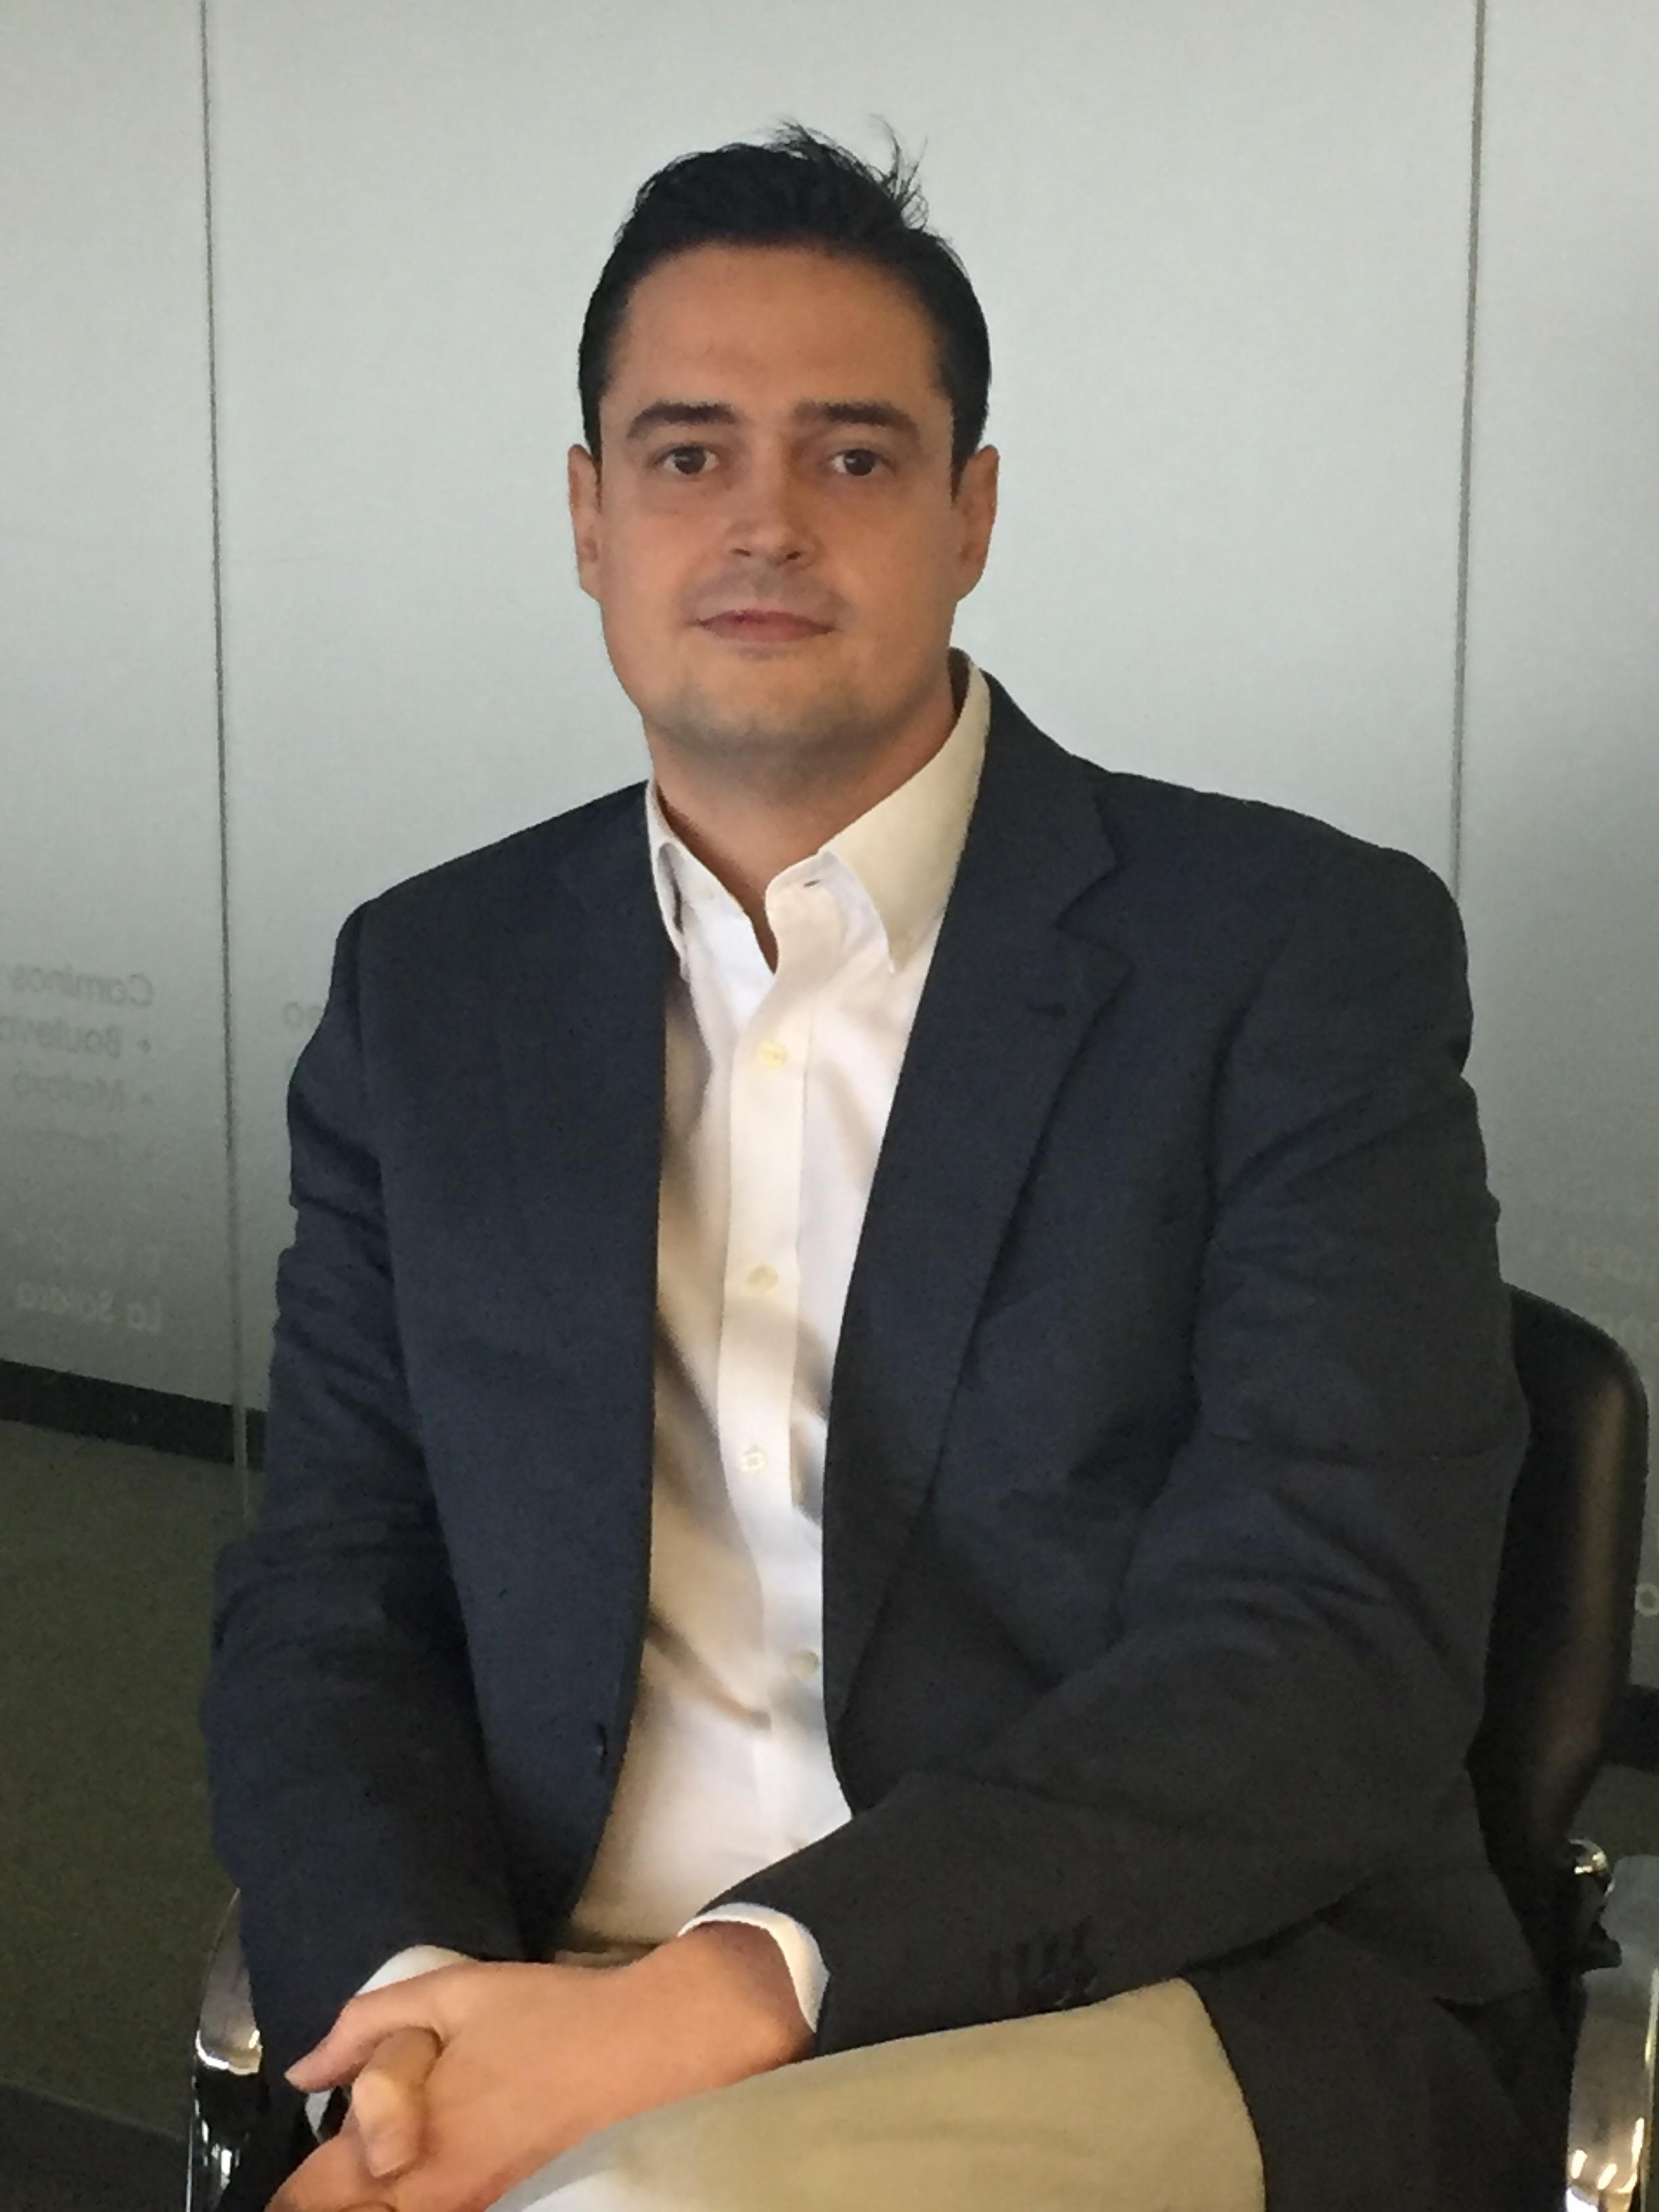 Miguel Arribas Ortubia